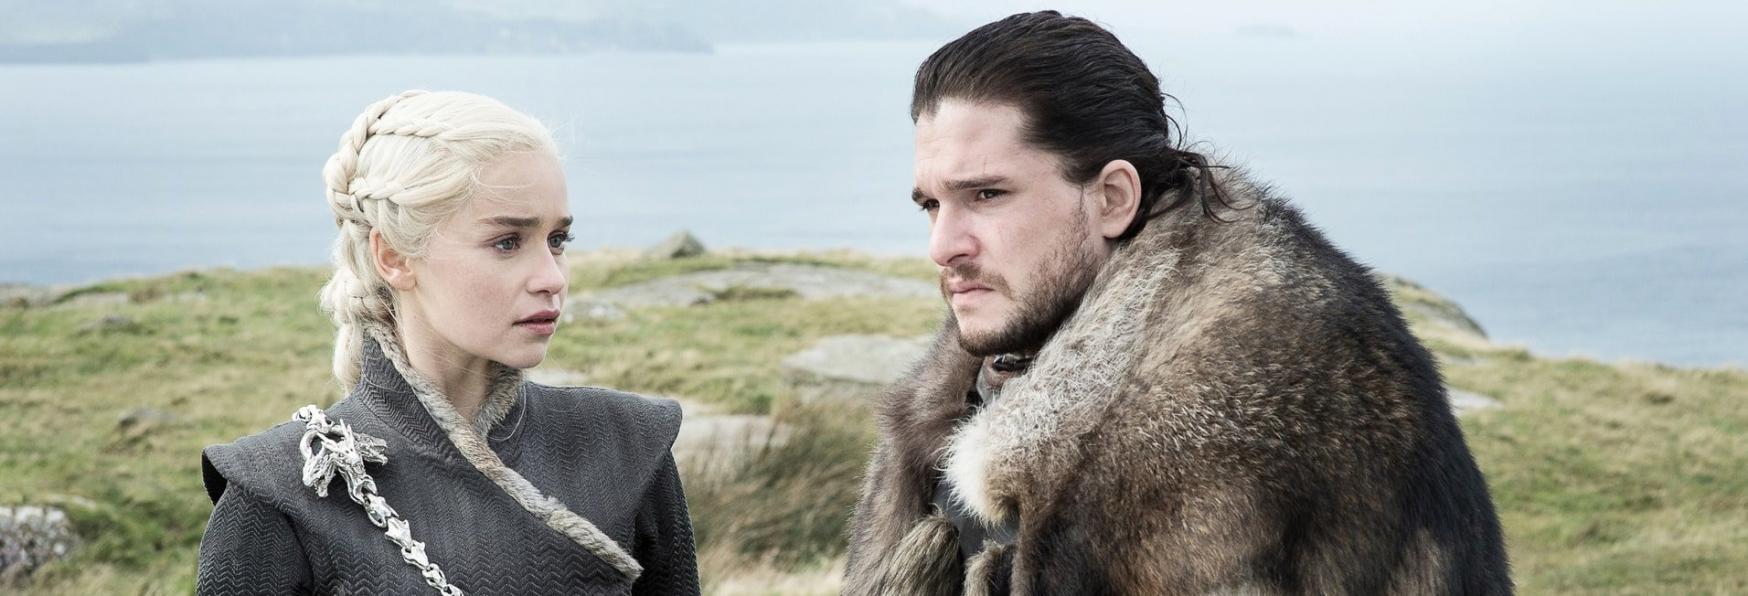 Game of Thrones: Emilia Clarke ammette il suo Disappunto per il Finale di Jon Snow